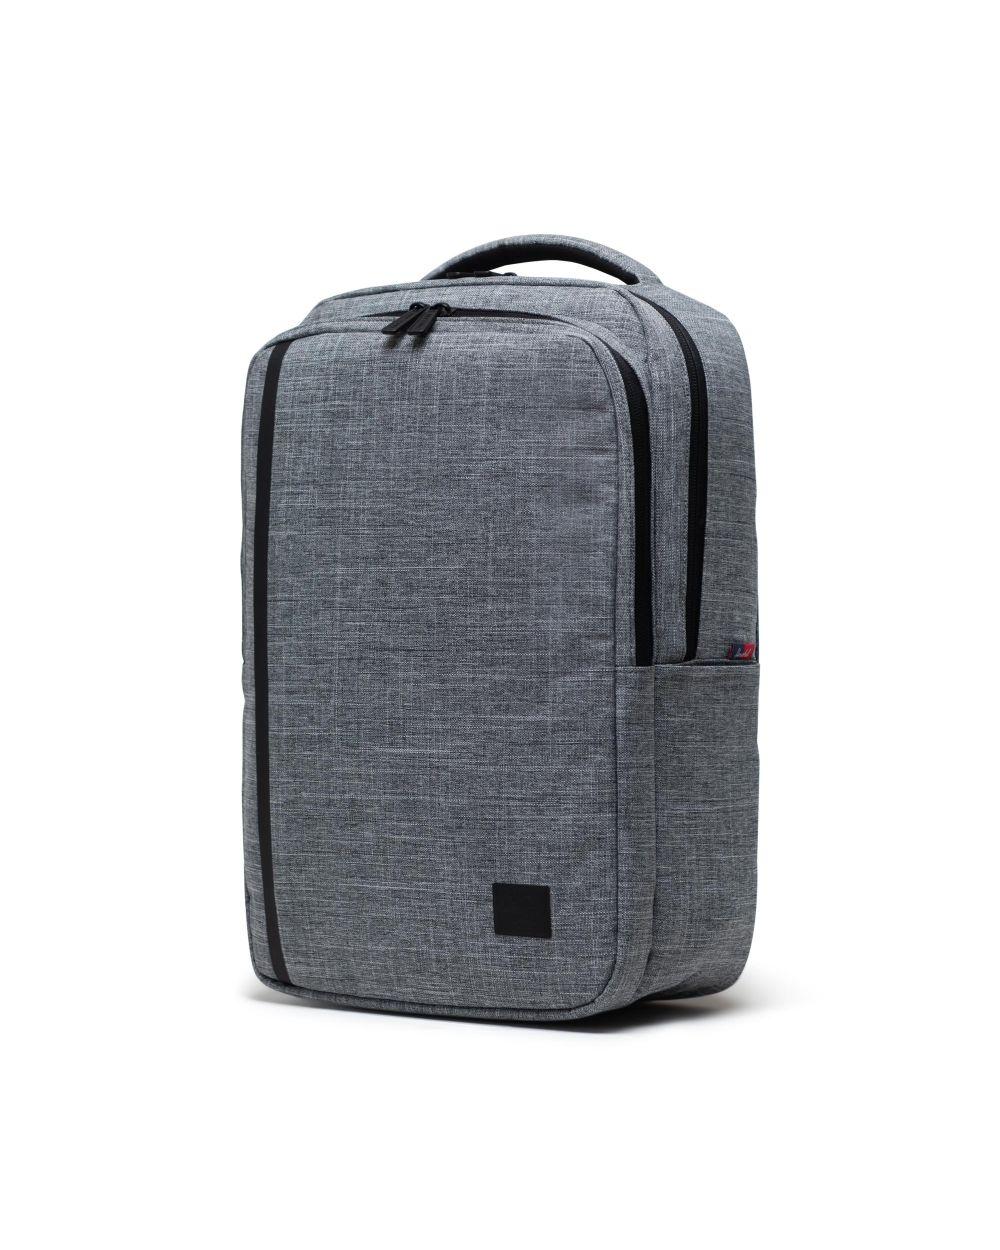 Herschel travel daypack in grey